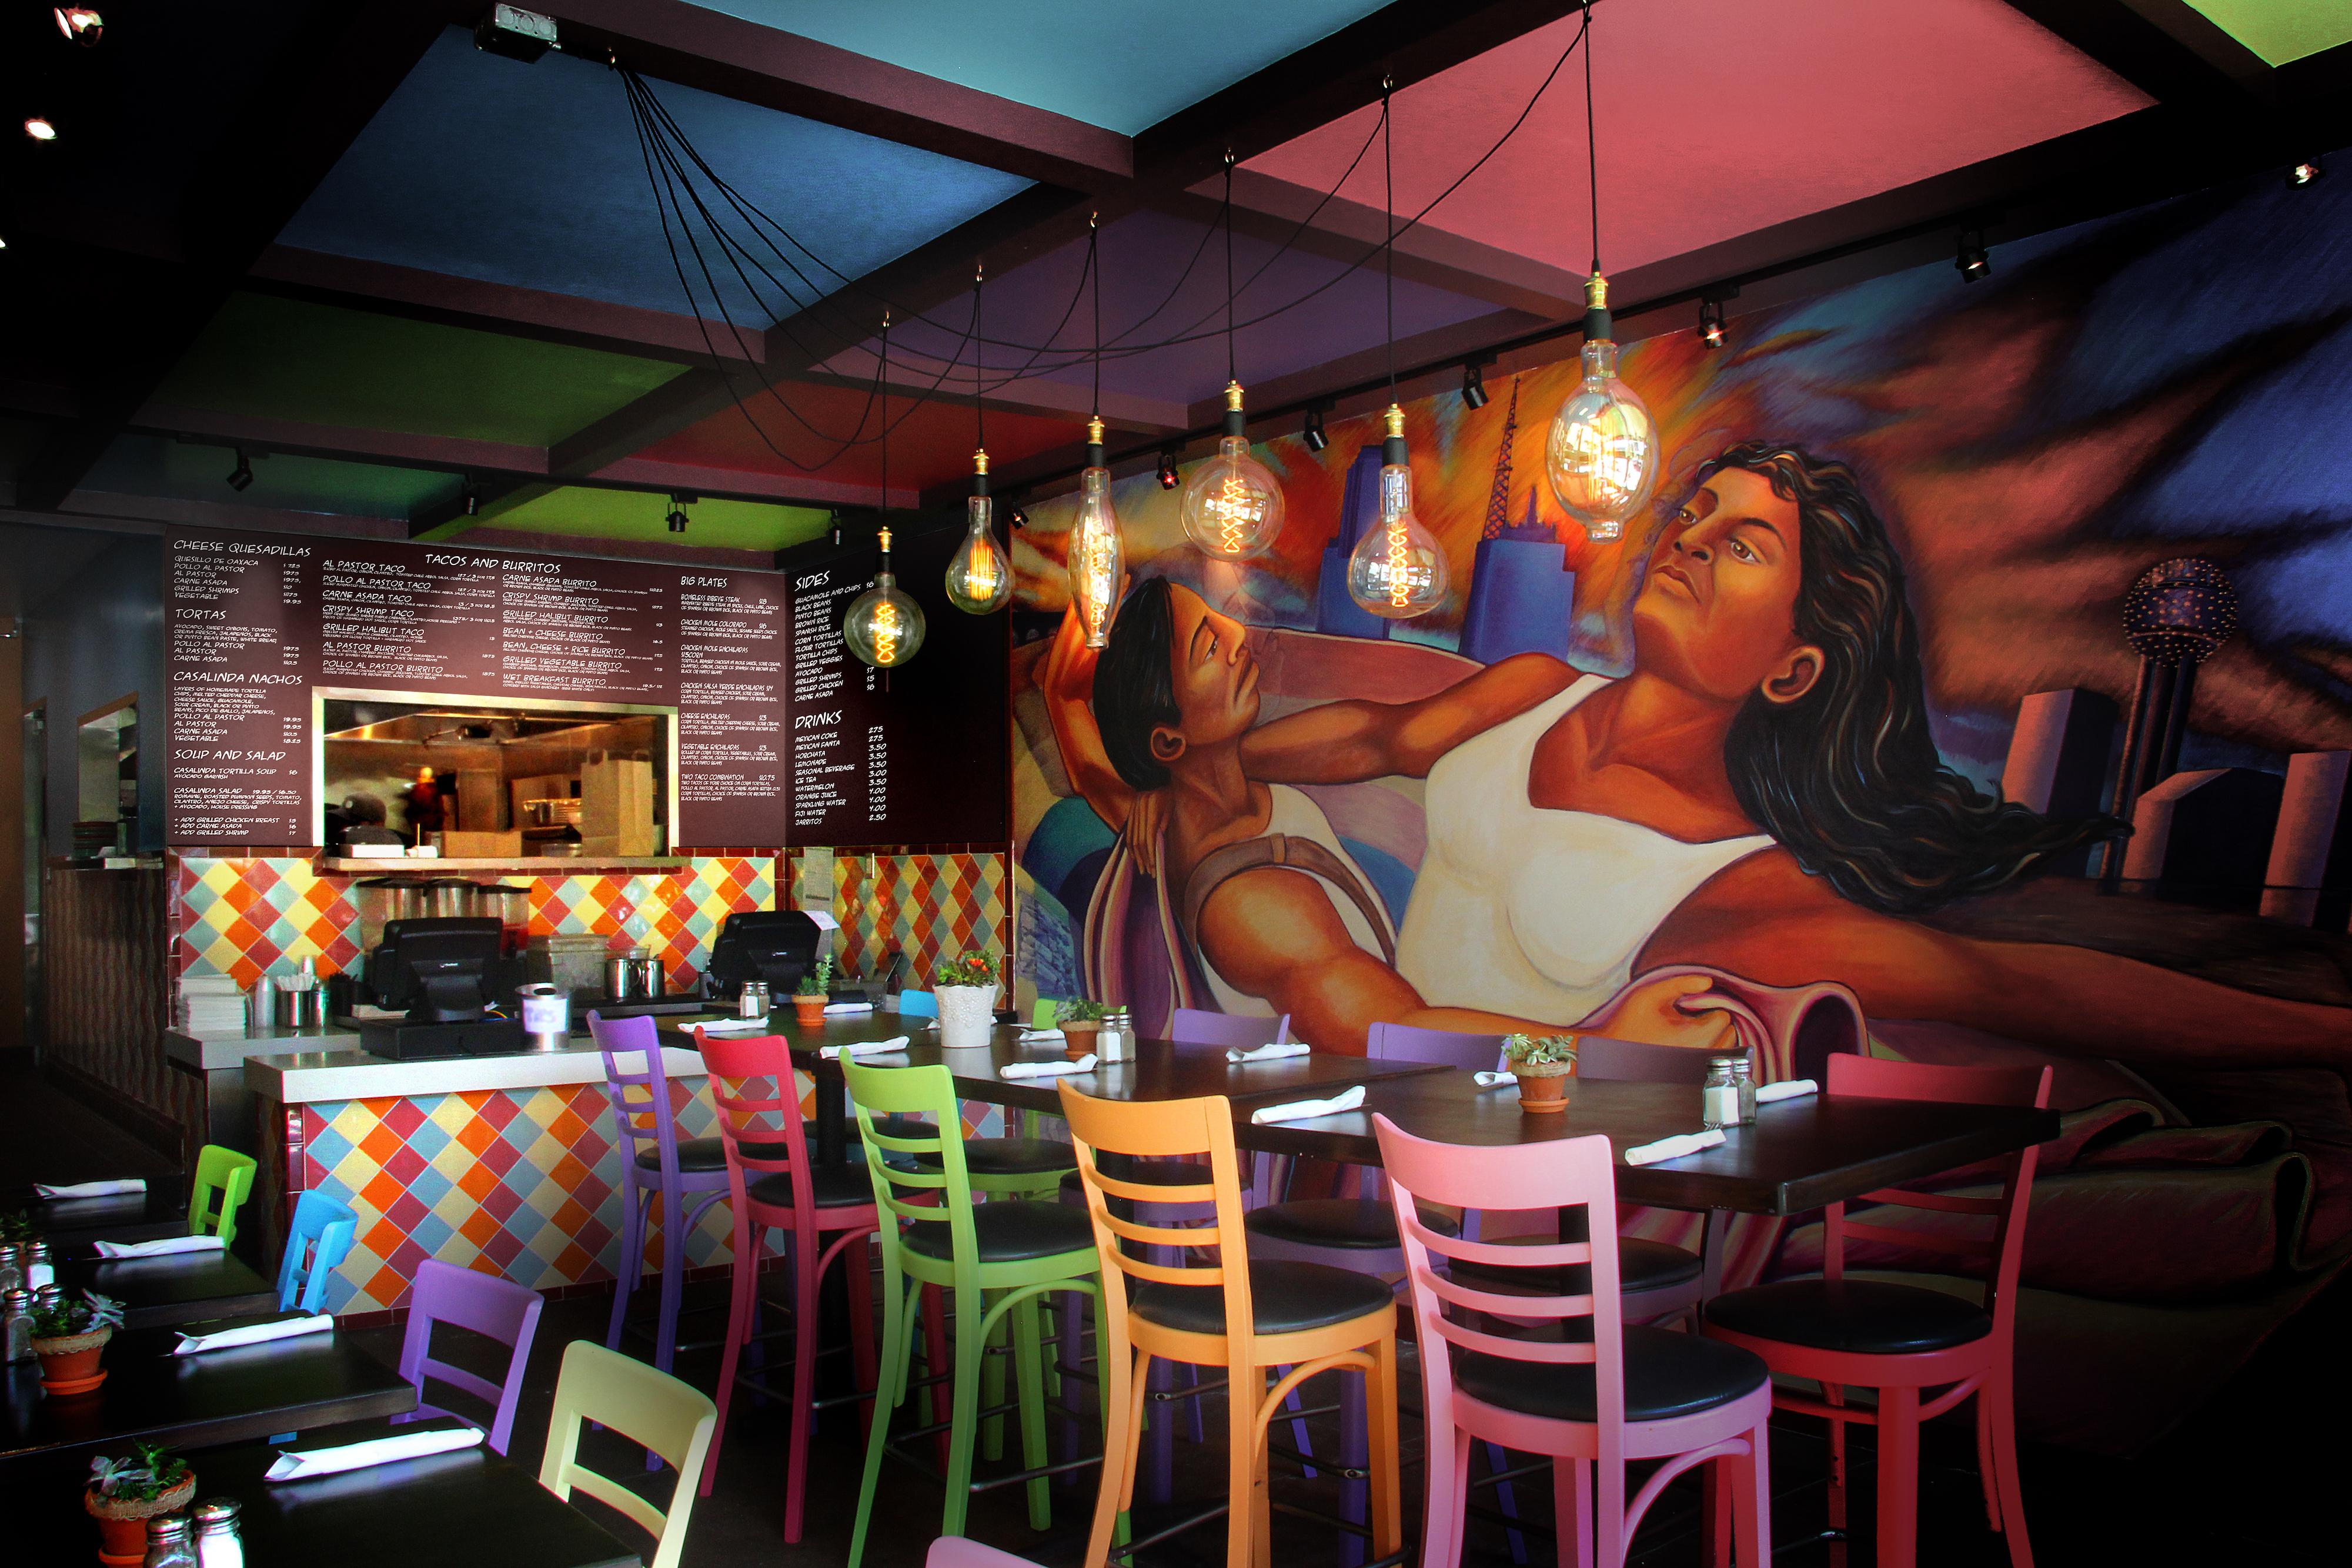 Casa Linda mural and interiors